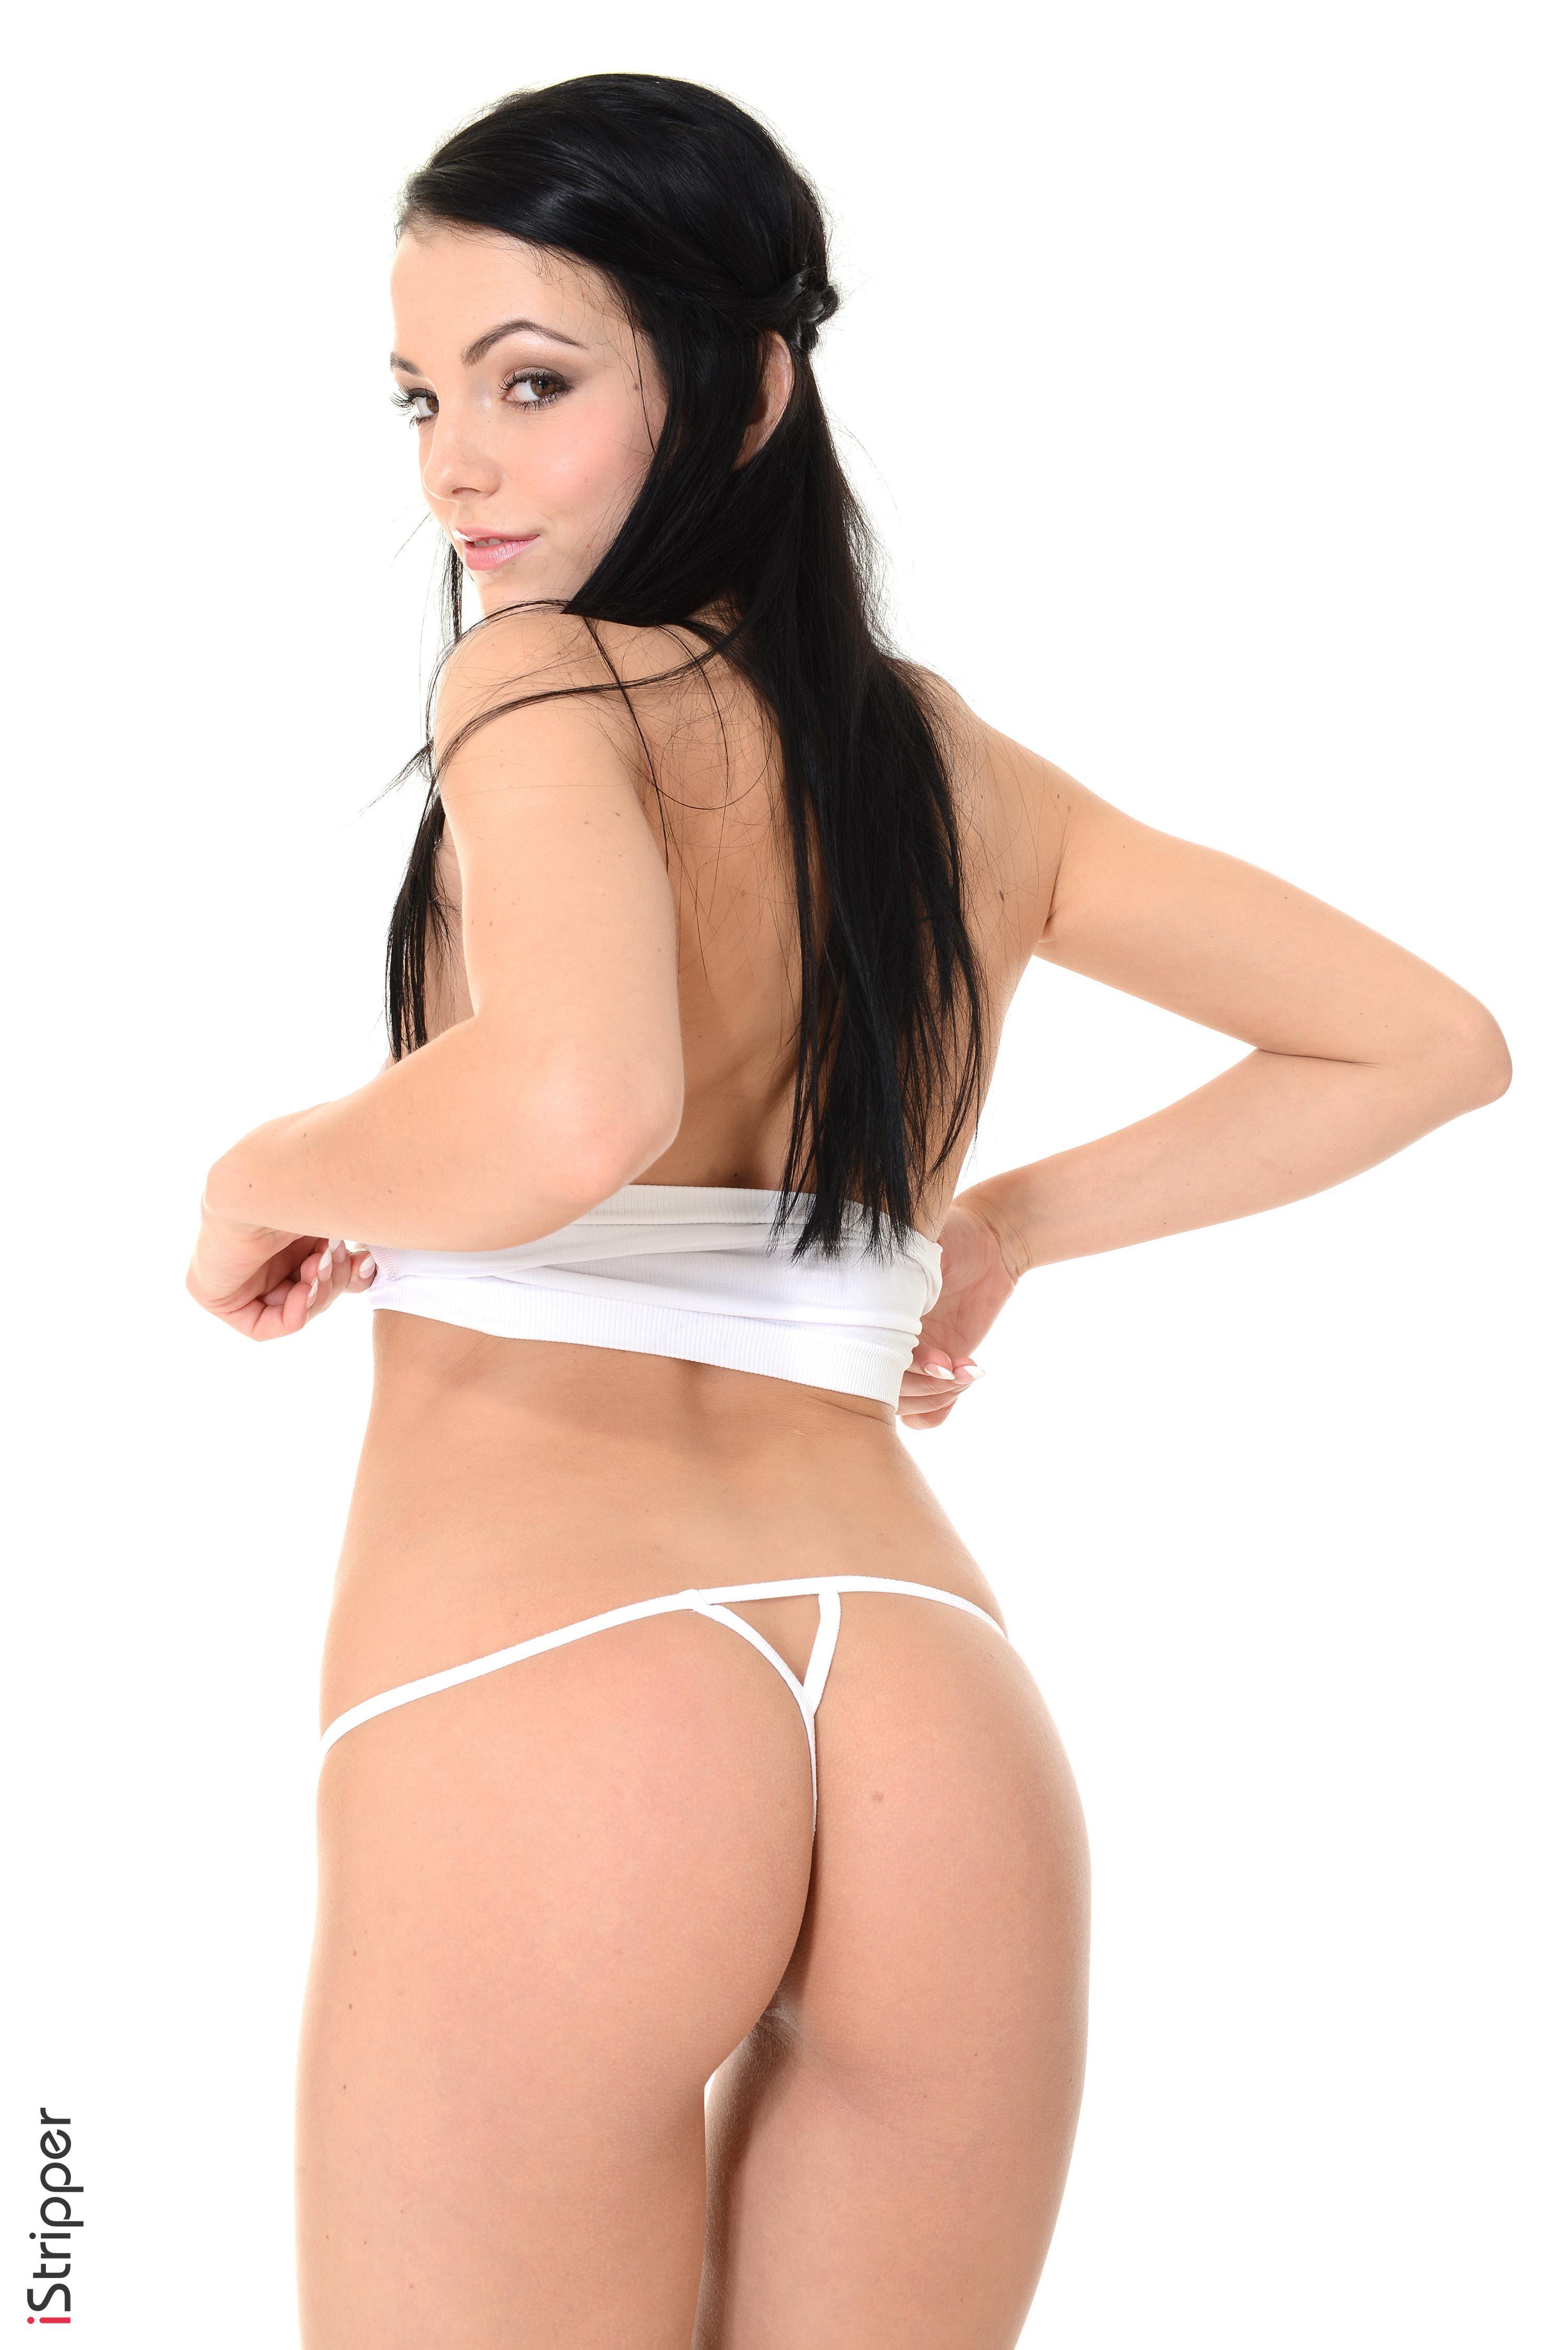 naked girl screensavers